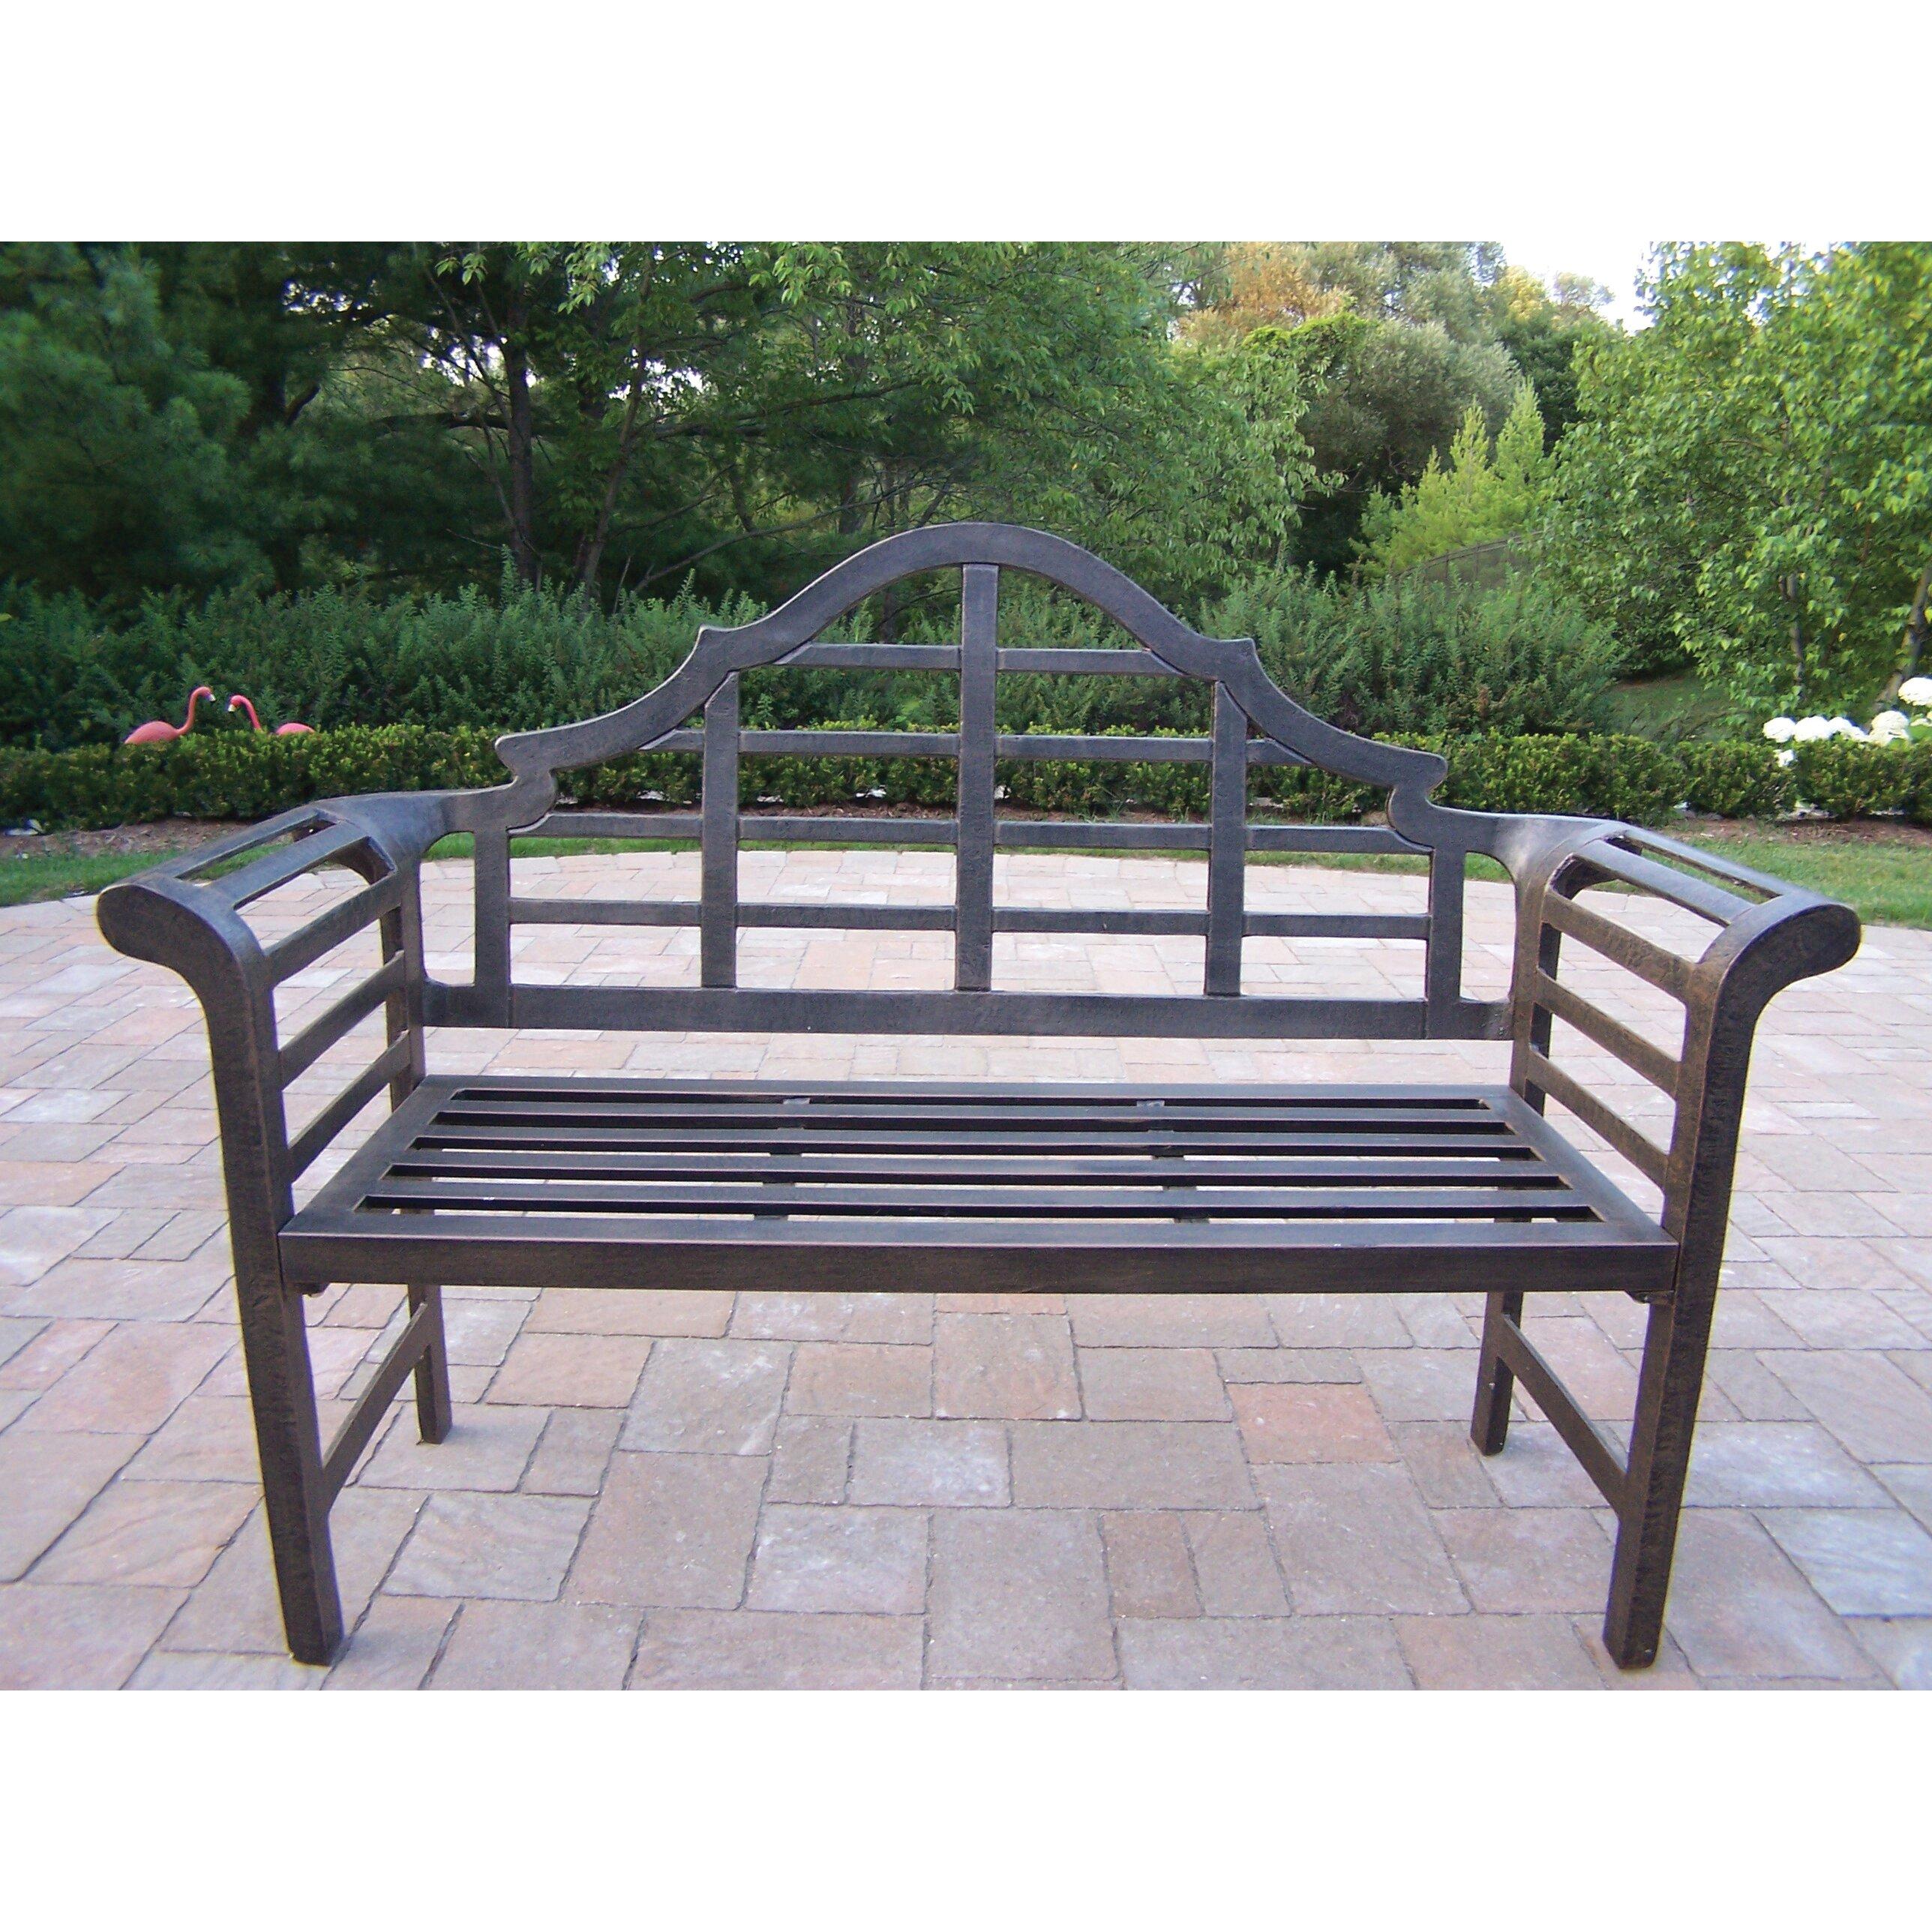 Oakland Living King Louis Aluminum Garden Bench & Reviews